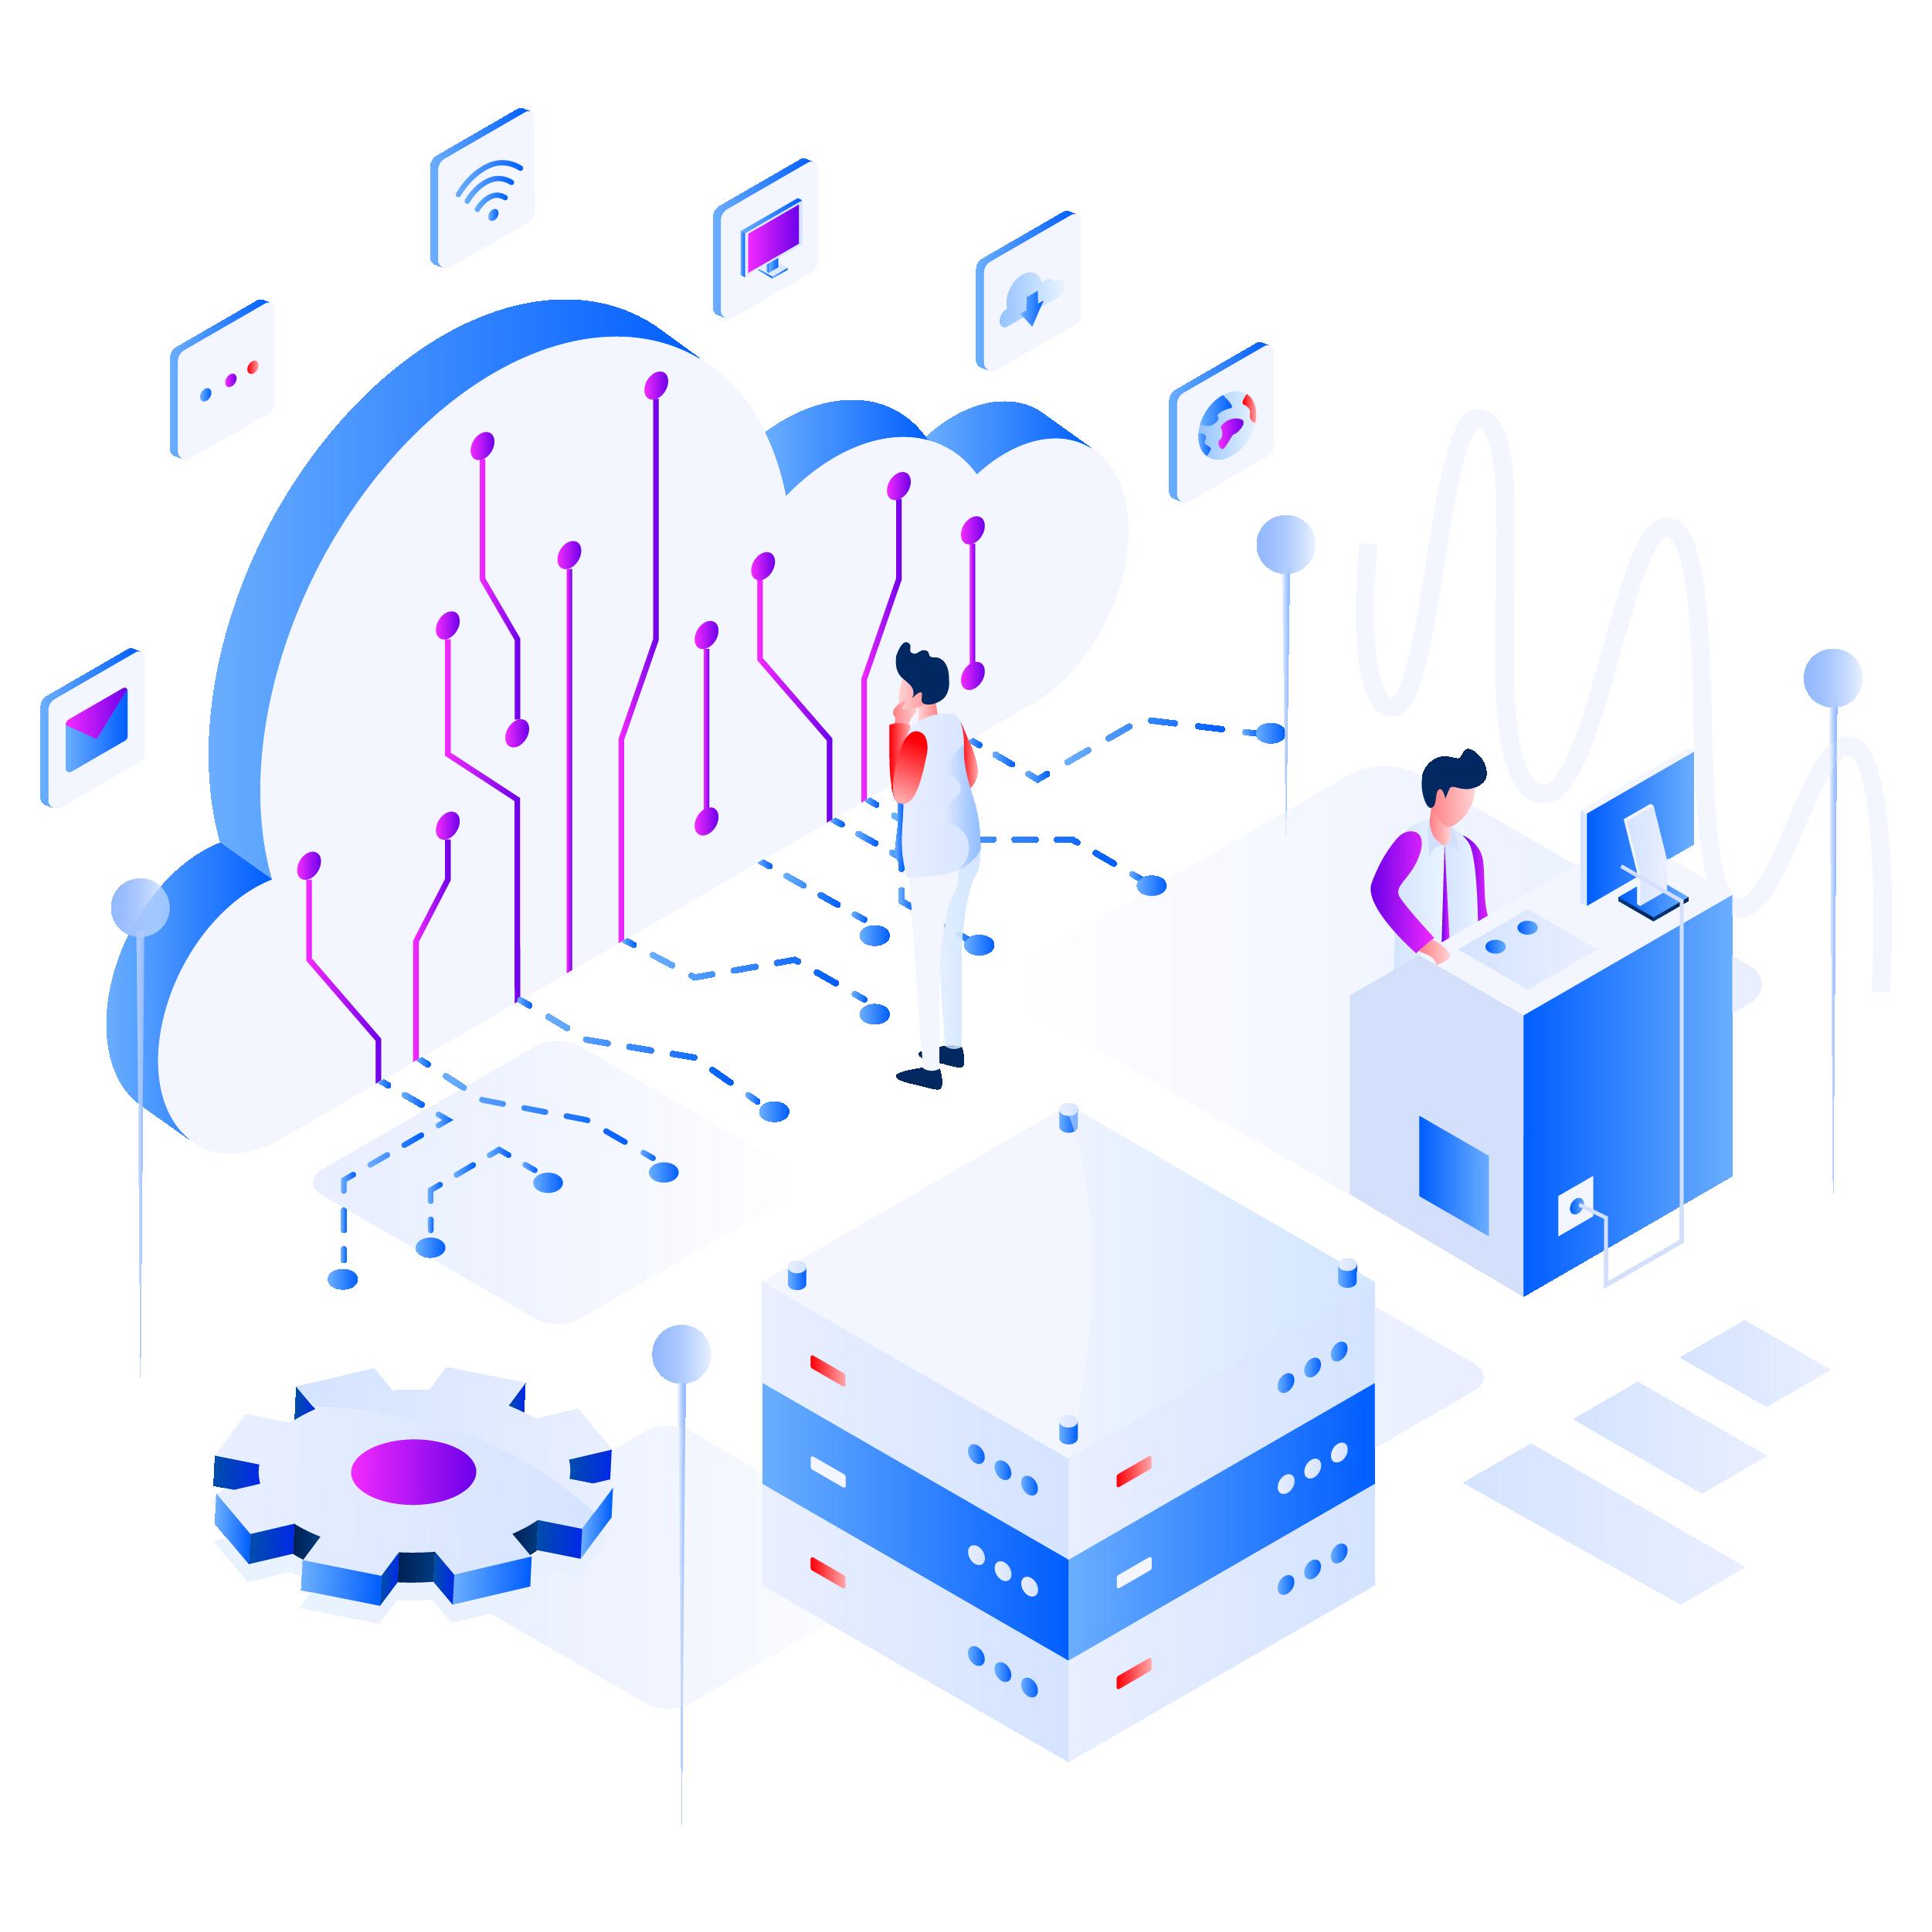 technopartner-isometric